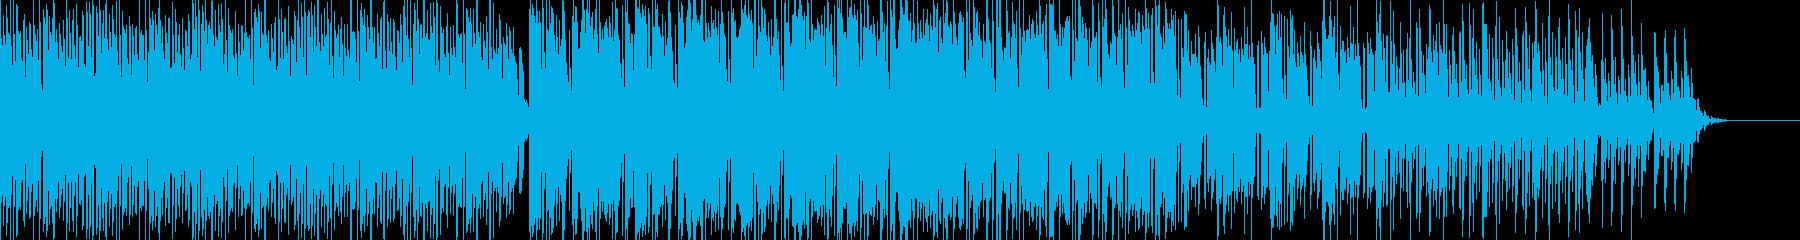 スローなテンポまったり系チルアウトの再生済みの波形